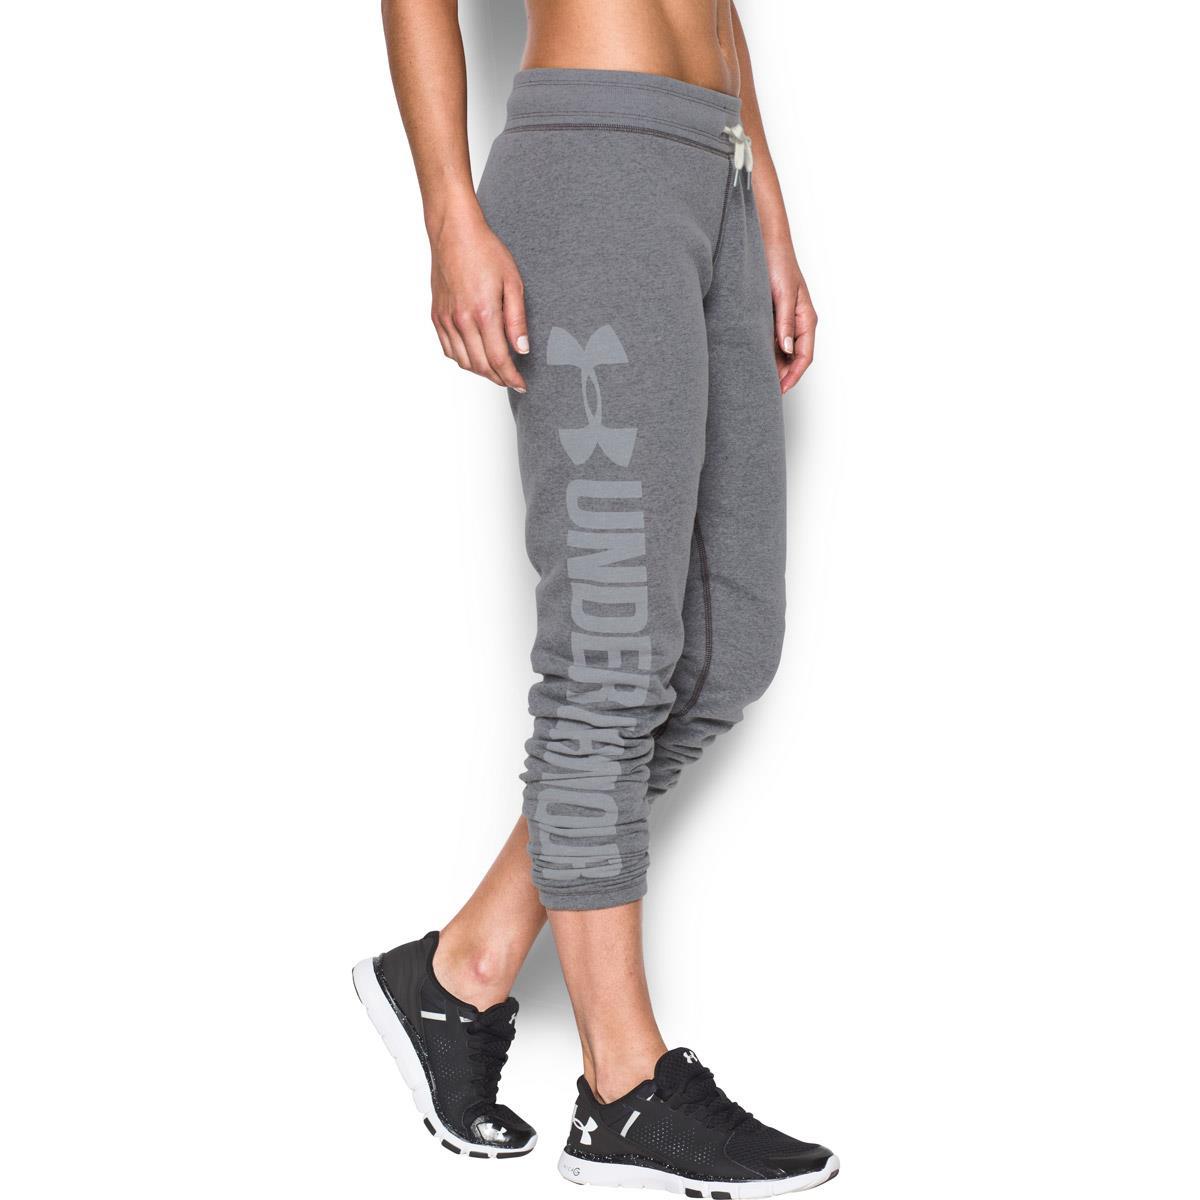 88b8805f8689 ... Under Armour Ladies Favourite Fleece Pants Carbon - Detail 2 ...